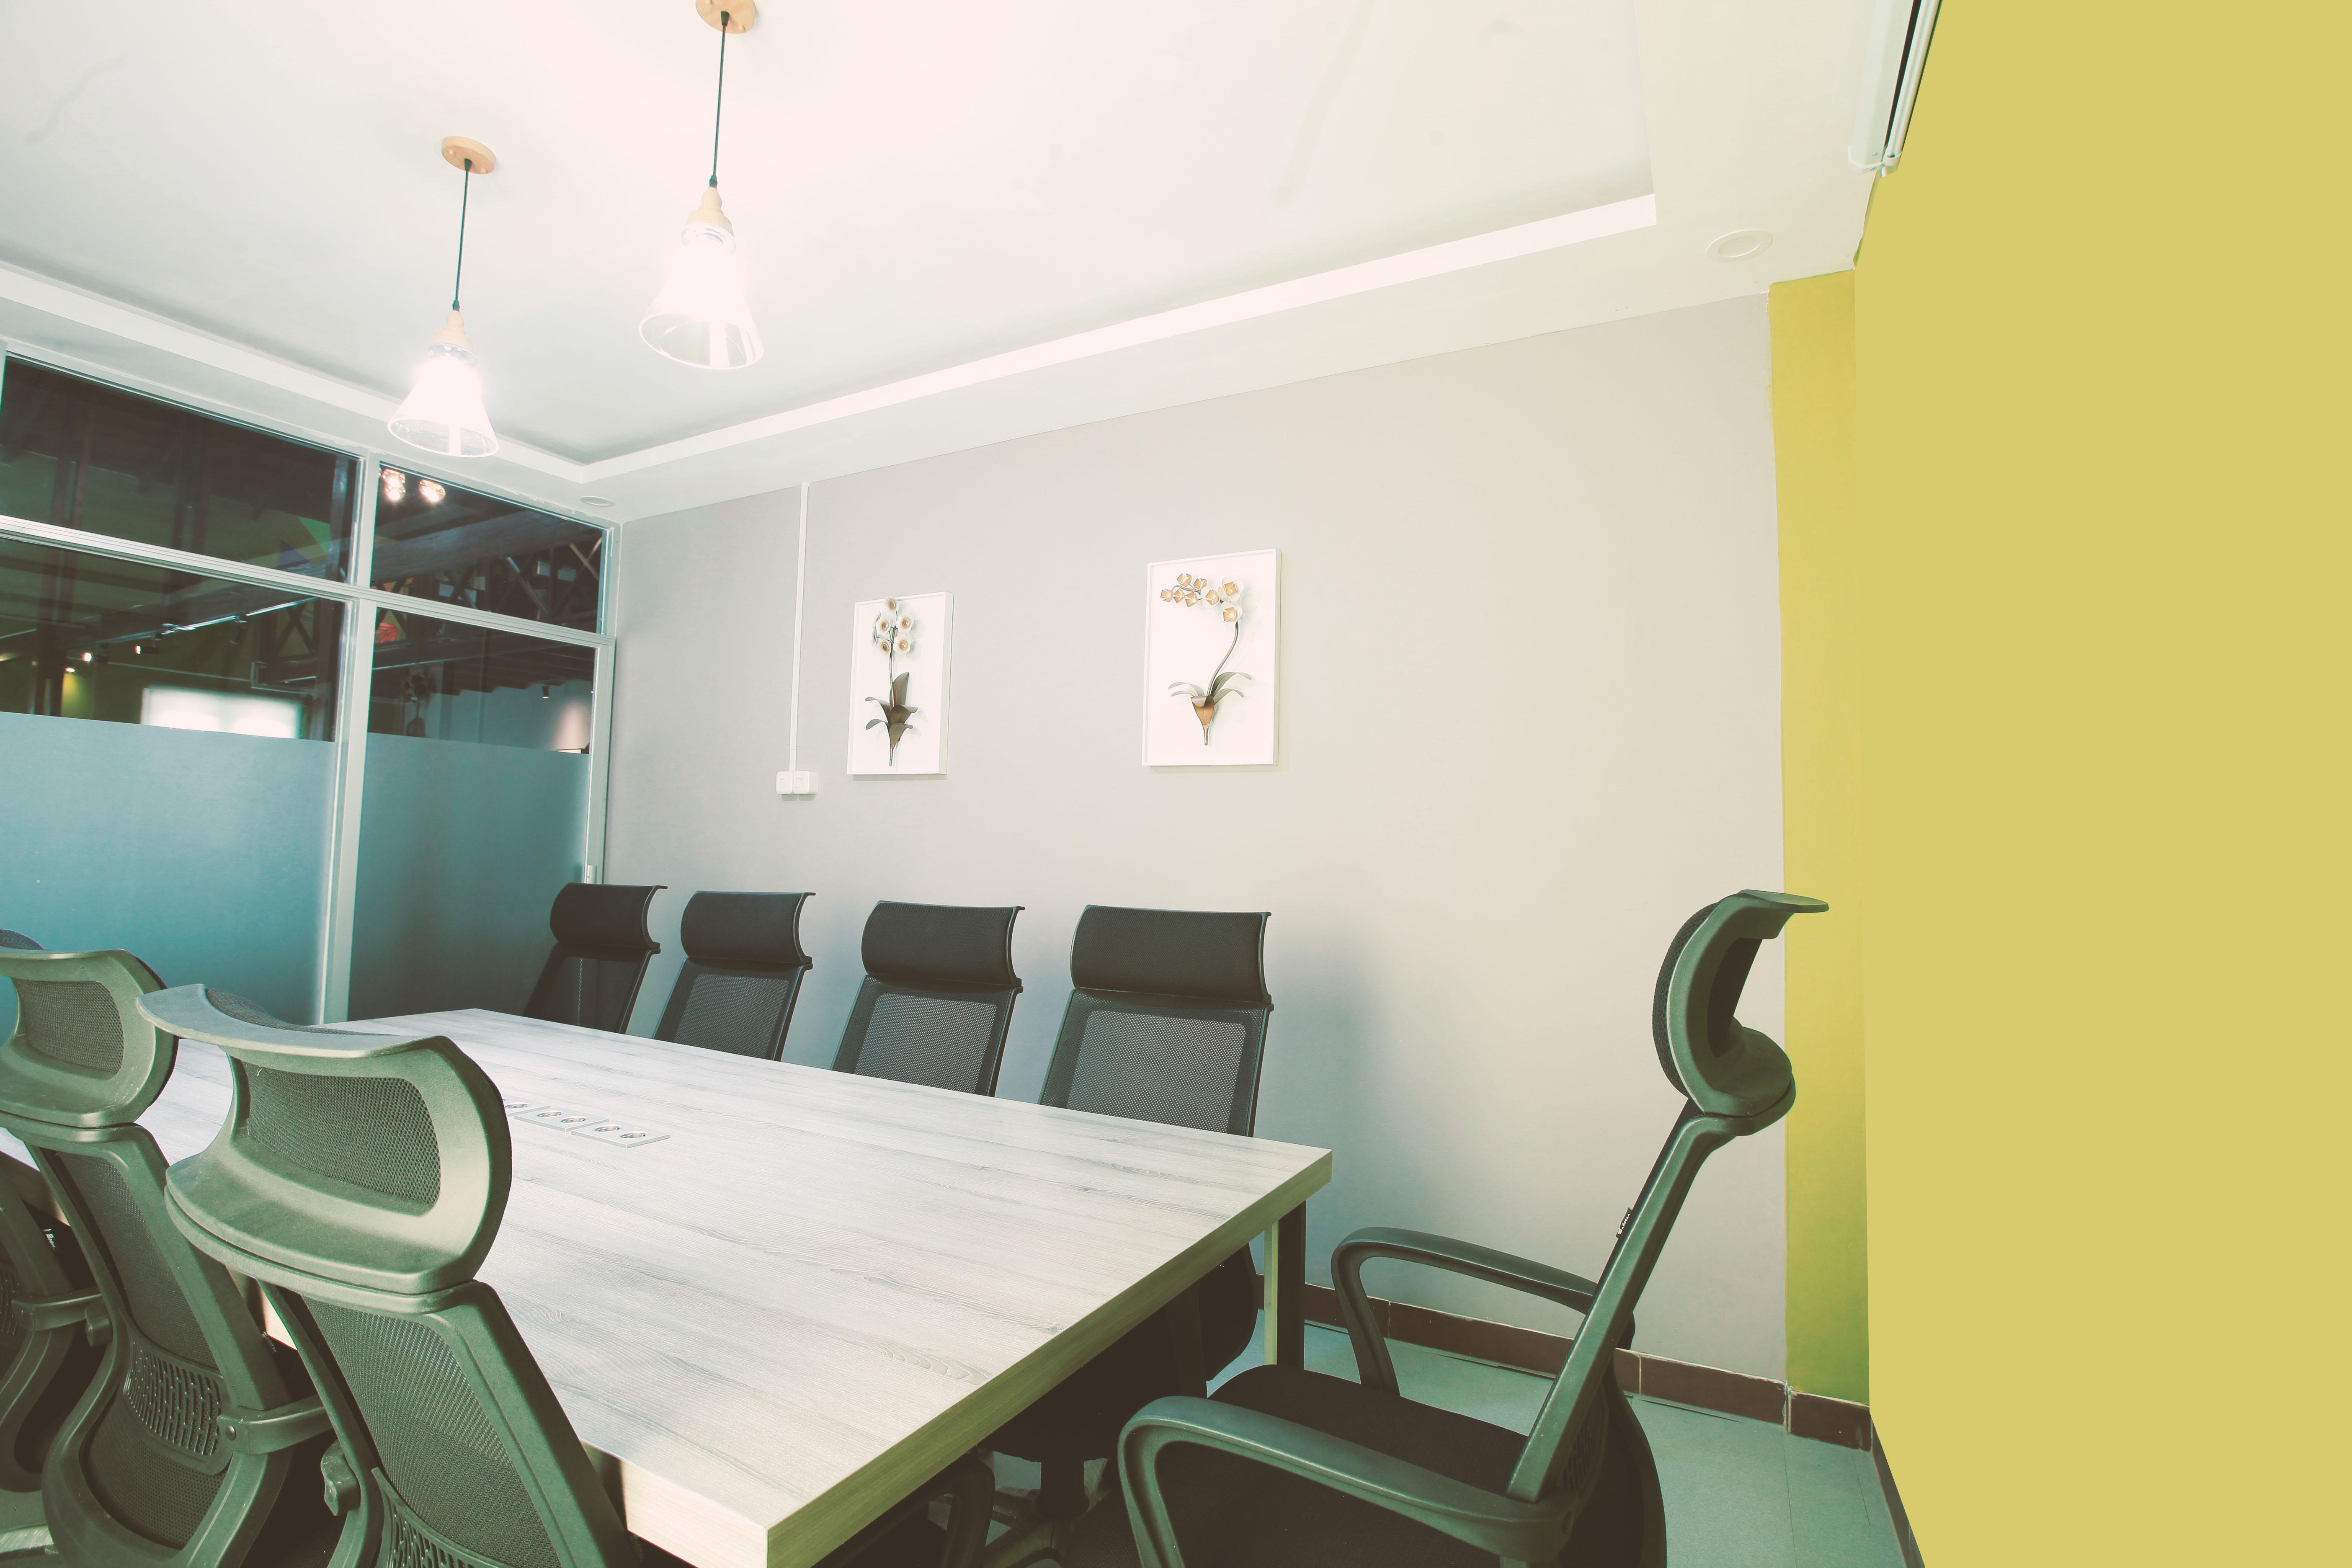 Sewa Virtual Office Serviced Office Ruang Meeting Di Jakarta Deskby